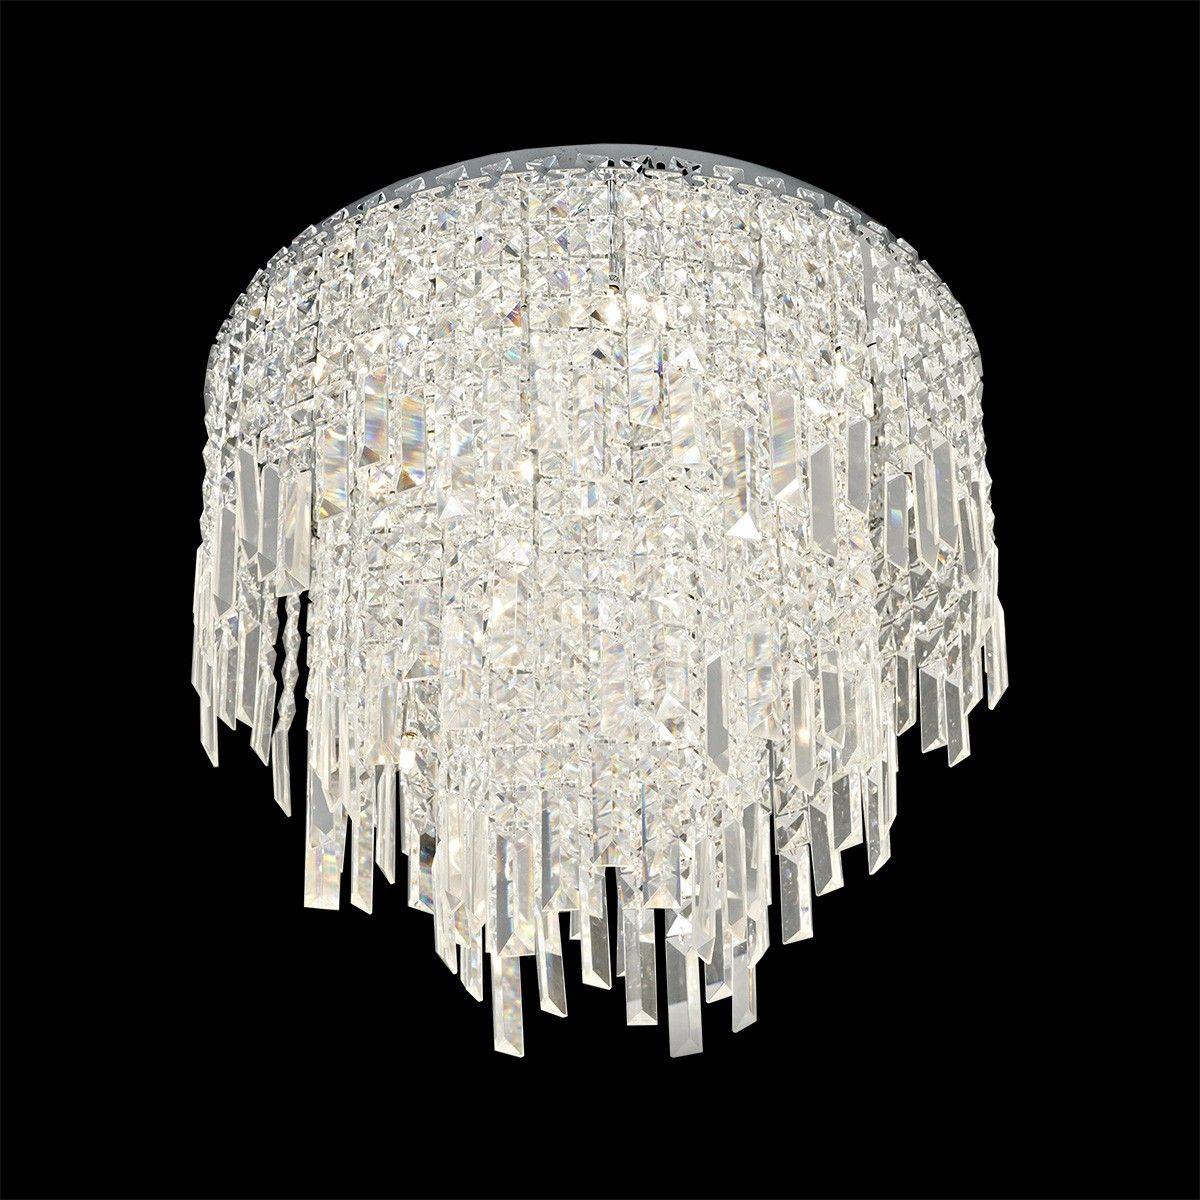 Kristall Deckenl&e 16x20W/G4 PALASS 64338 Luxera  sc 1 st  Pinterest & Kristall Deckenlampe 16x20W/G4 PALASS 64338 Luxera   Lampen   Pinterest